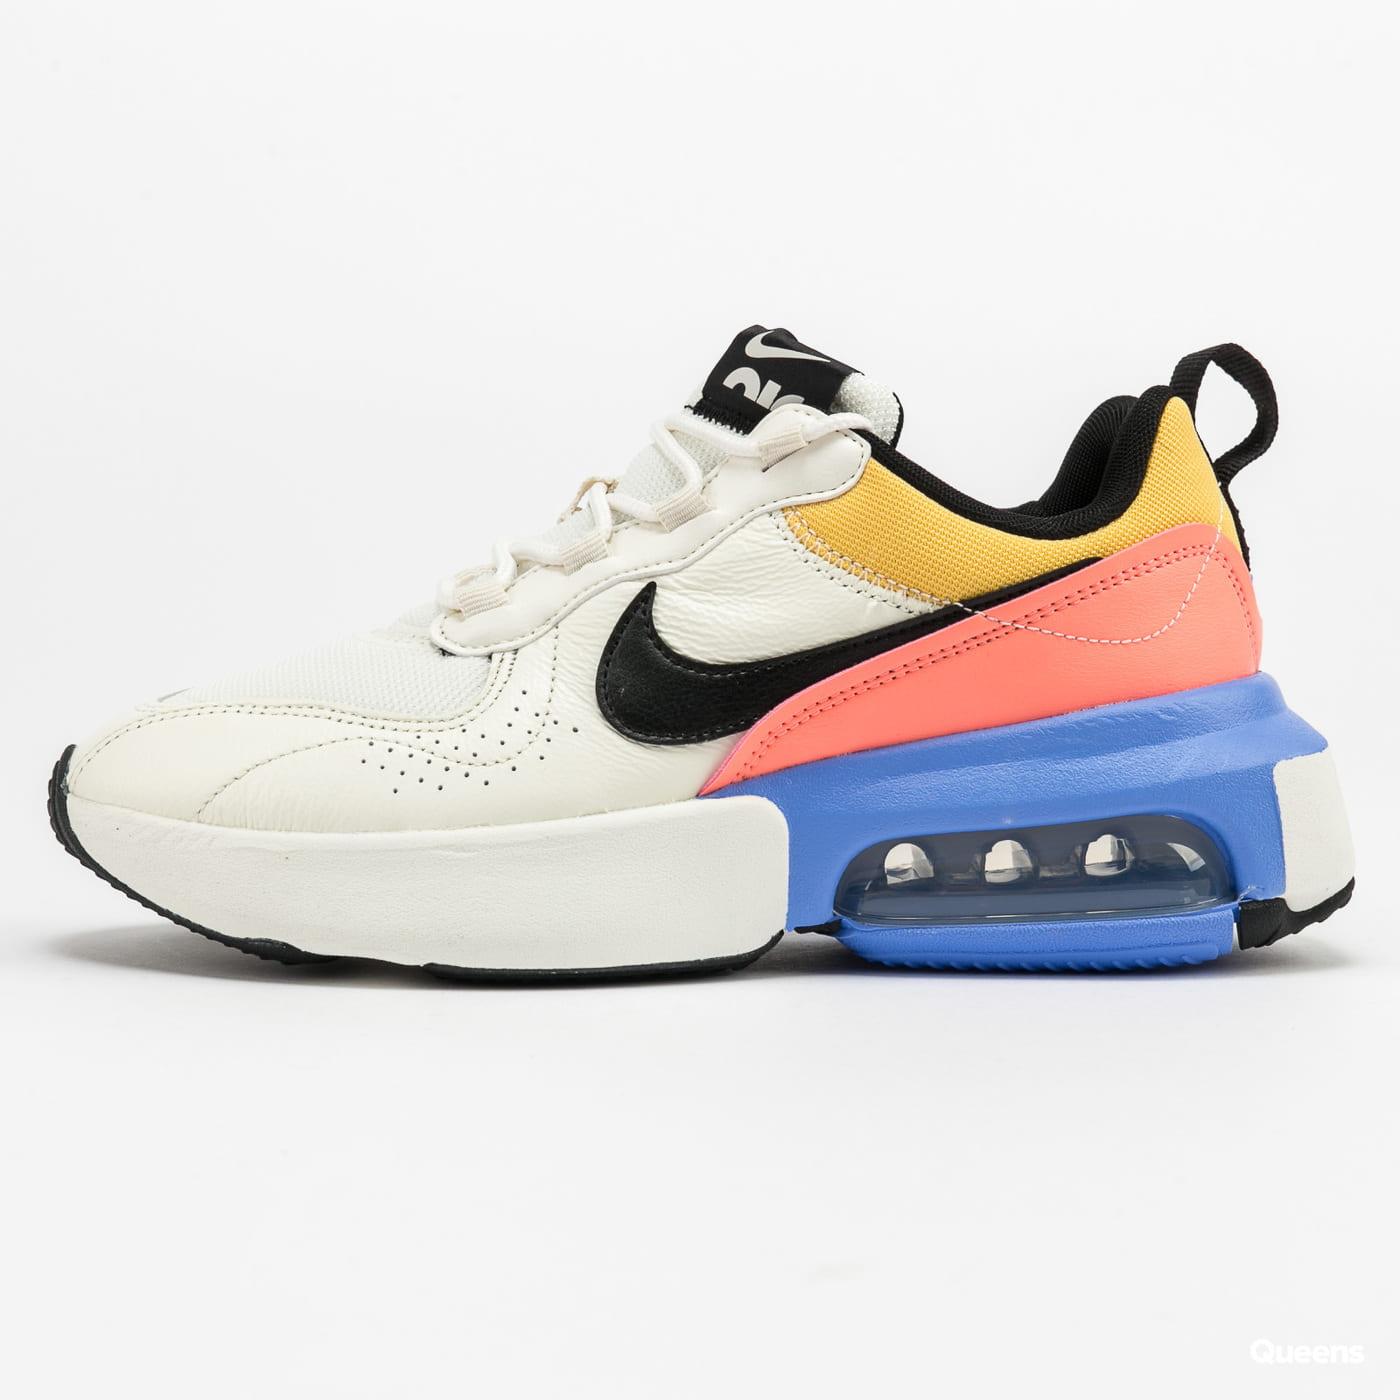 Nike W Air Max Verona sail / black - royal pulse